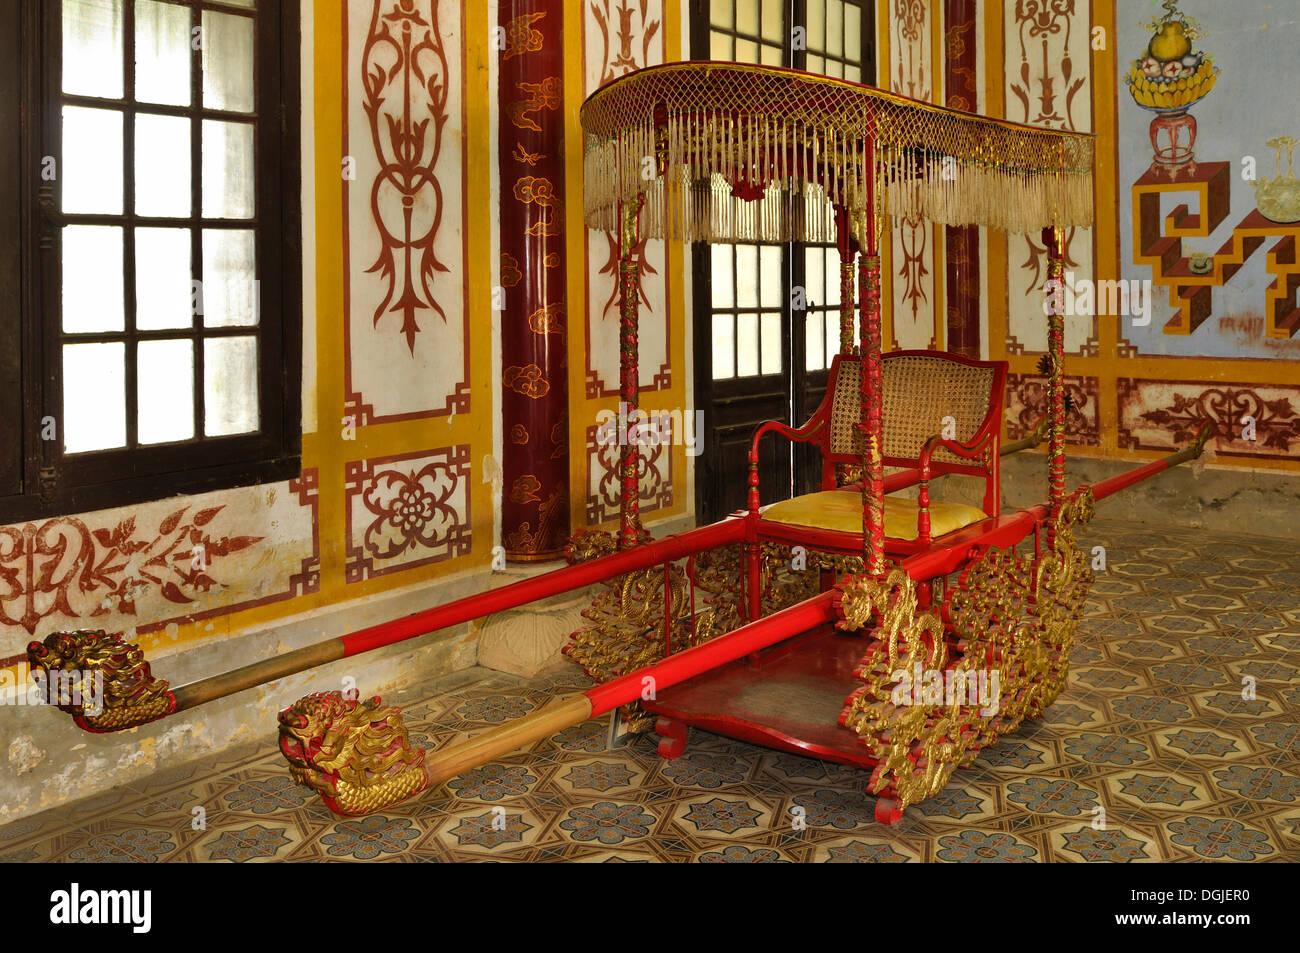 El emperador de la basura o sedán en la ciudadela, Mandarín halls, Hoang Thanh, el Palacio Imperial, la Ciudad Prohibida, el matiz Imagen De Stock